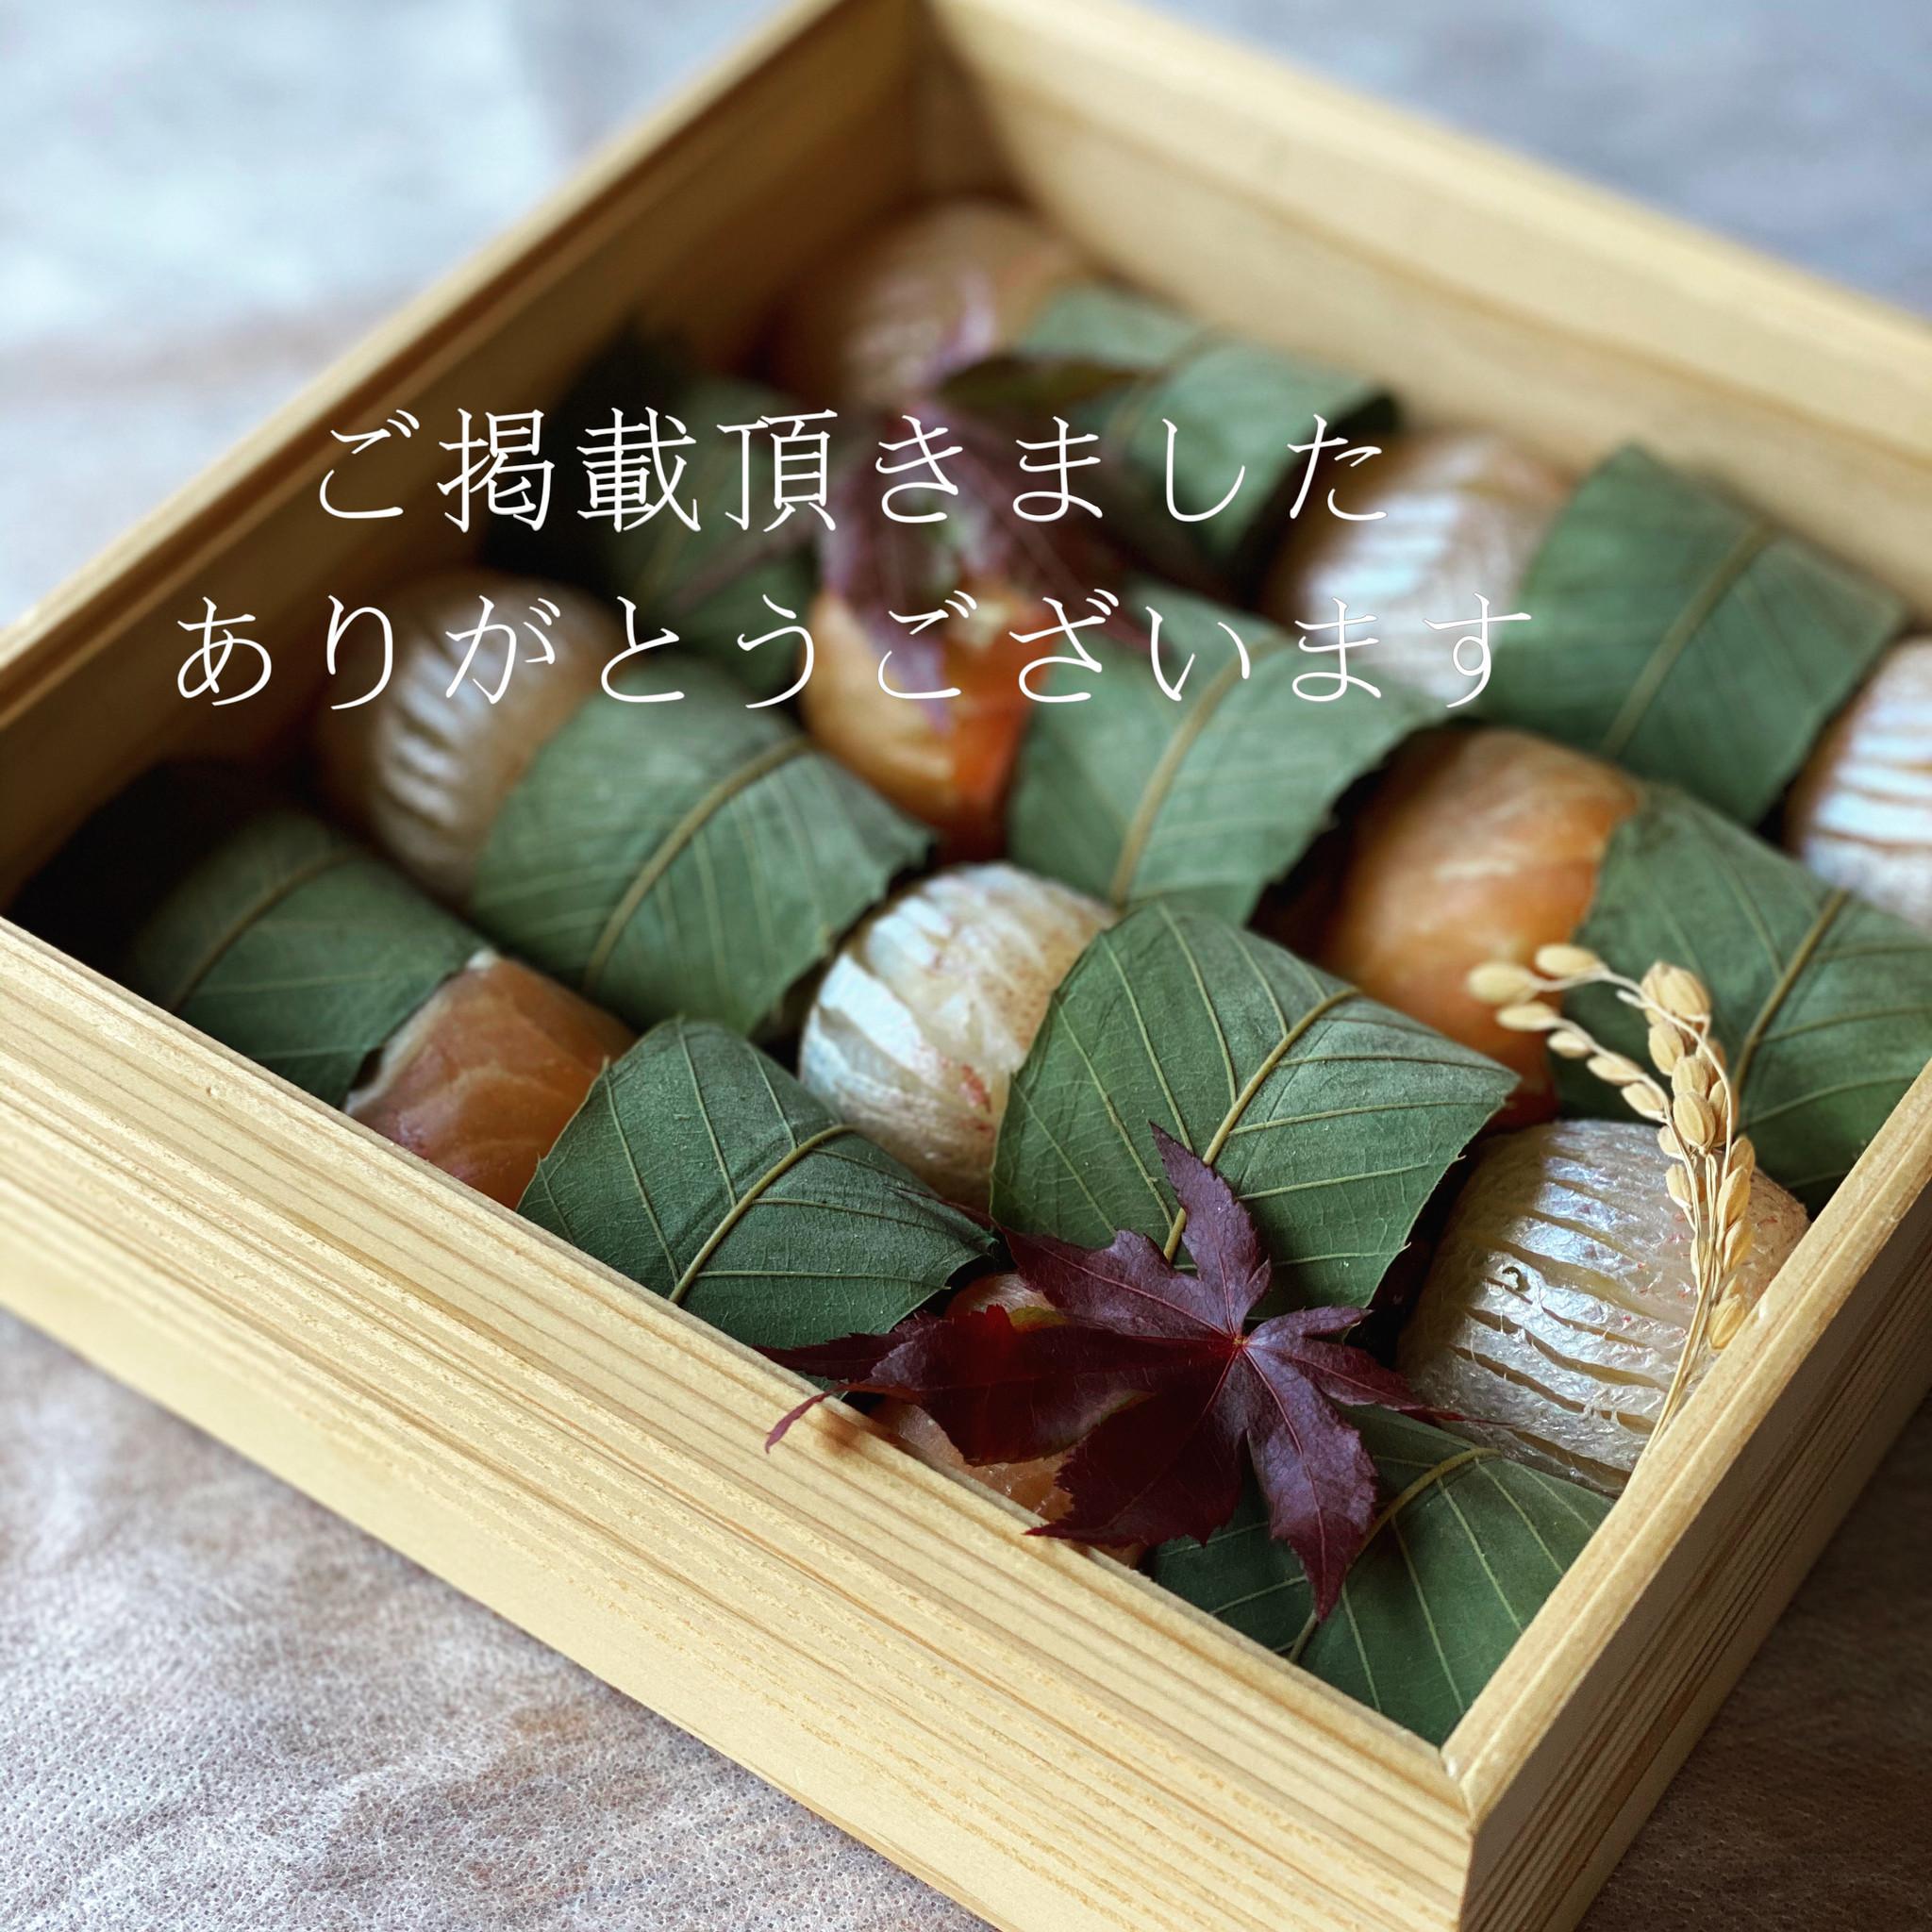 madame FIGARO.jp 『京都上ガル下ガル』ご掲載頂きました